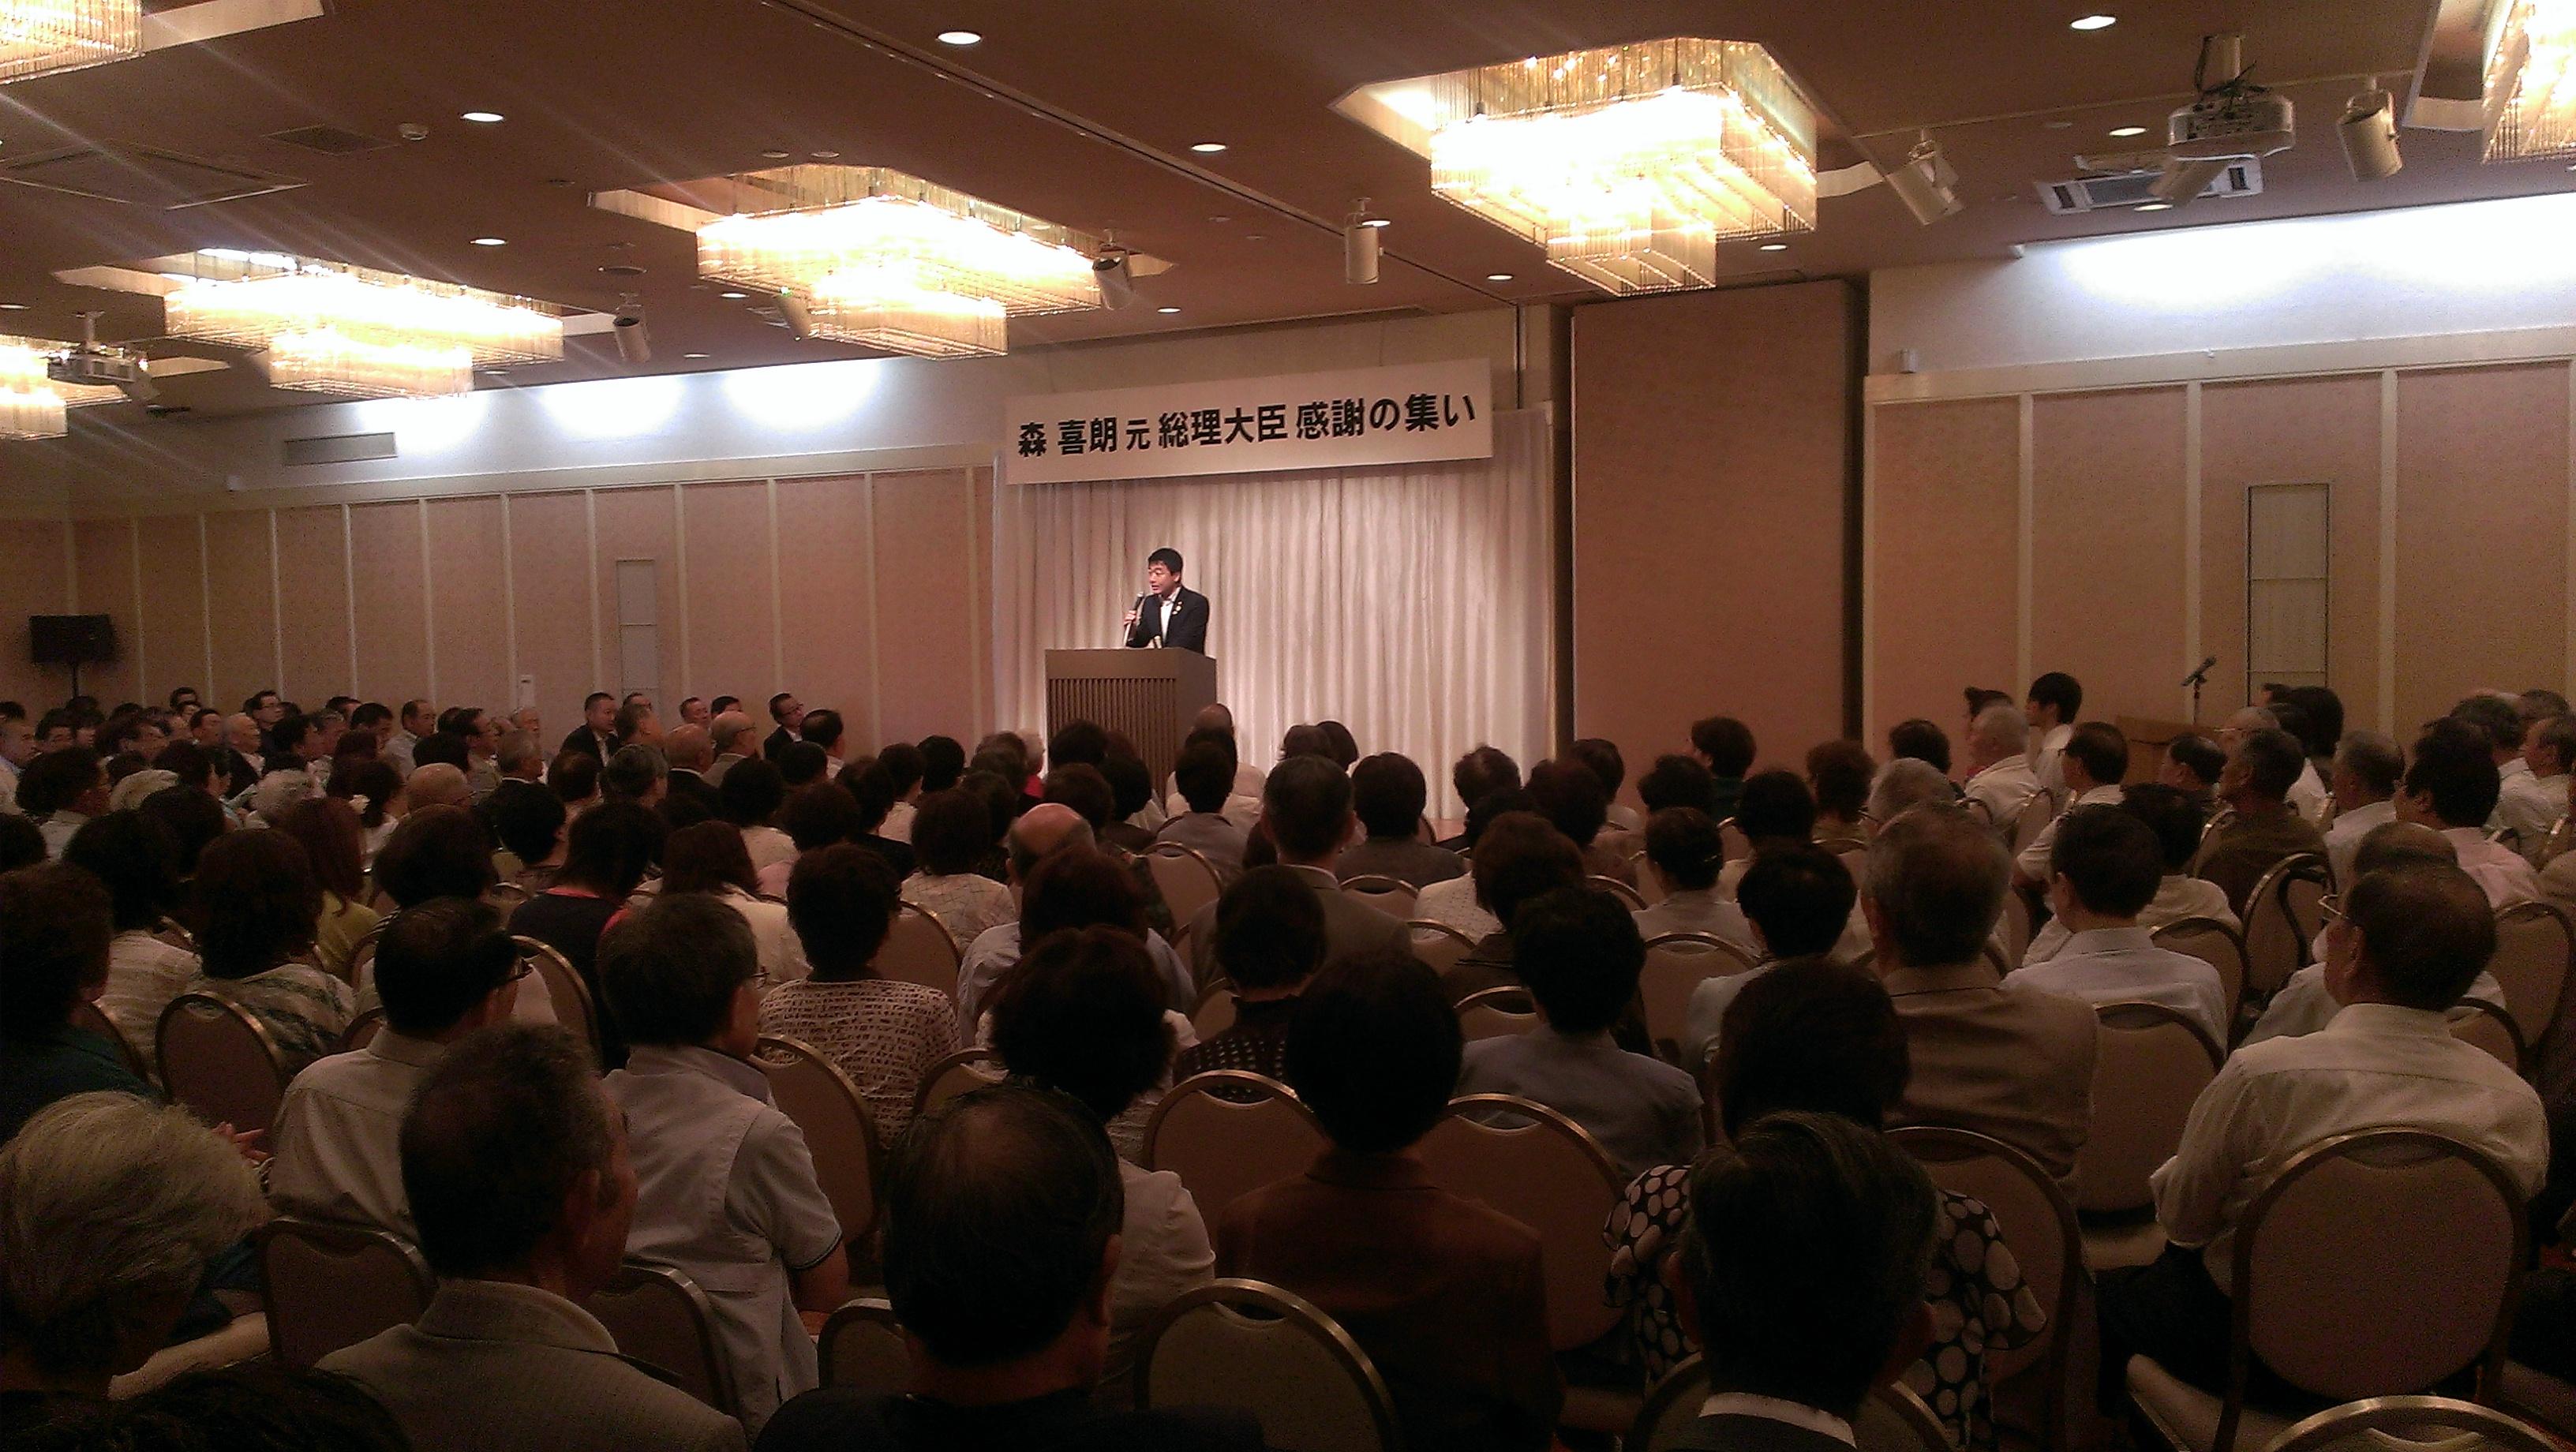 H25.8.3森喜朗加賀市感謝の集い